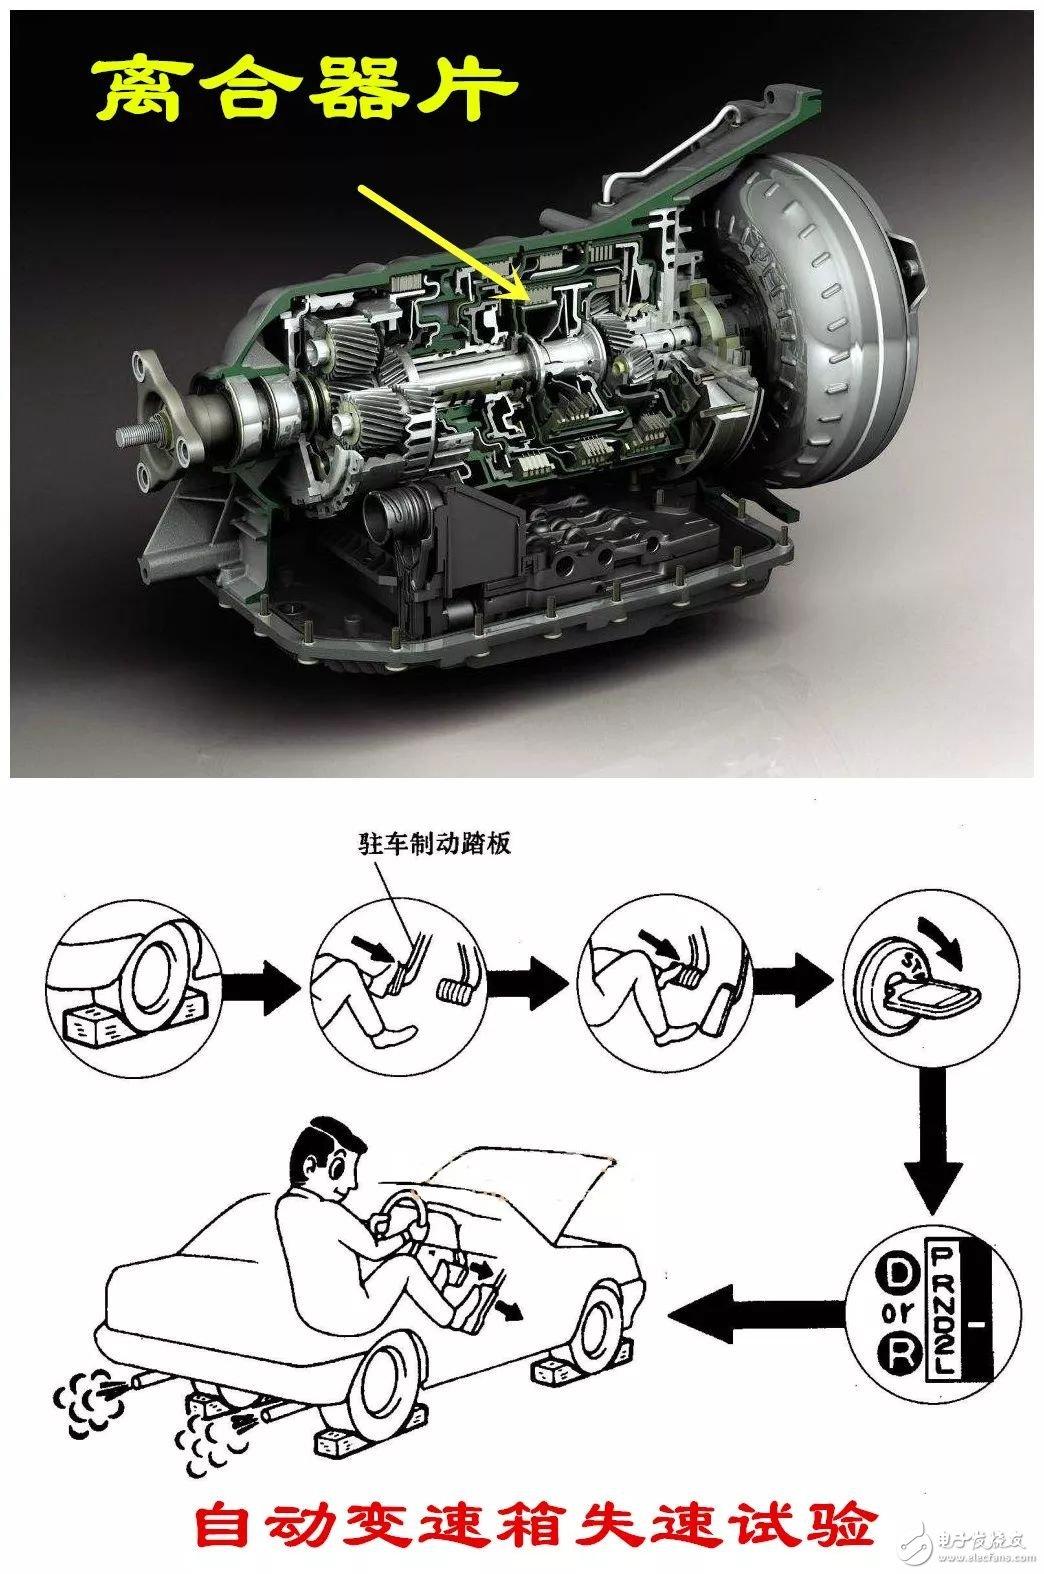 分步骤详解,倒车入库中离合器的正确使用方法_腾讯网